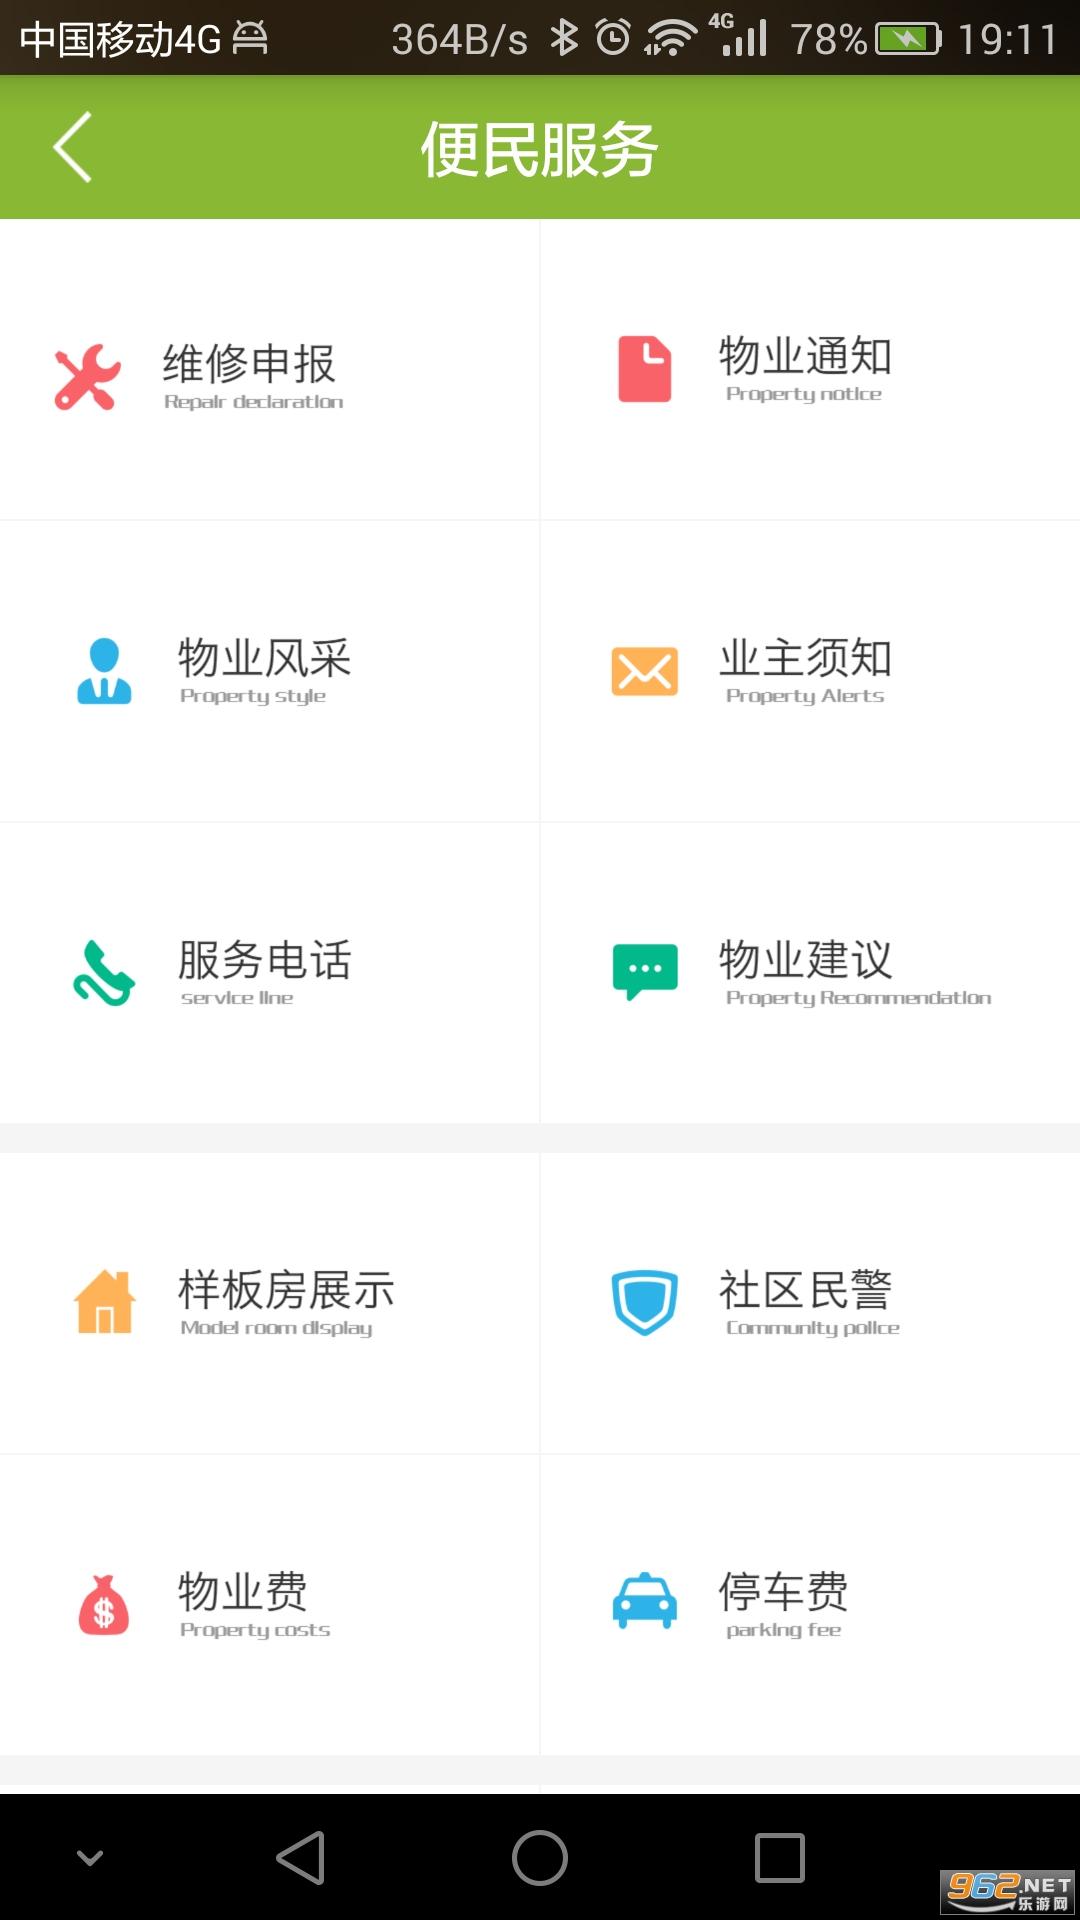 益通百通手机appv3.0.4 官方最新版截图1